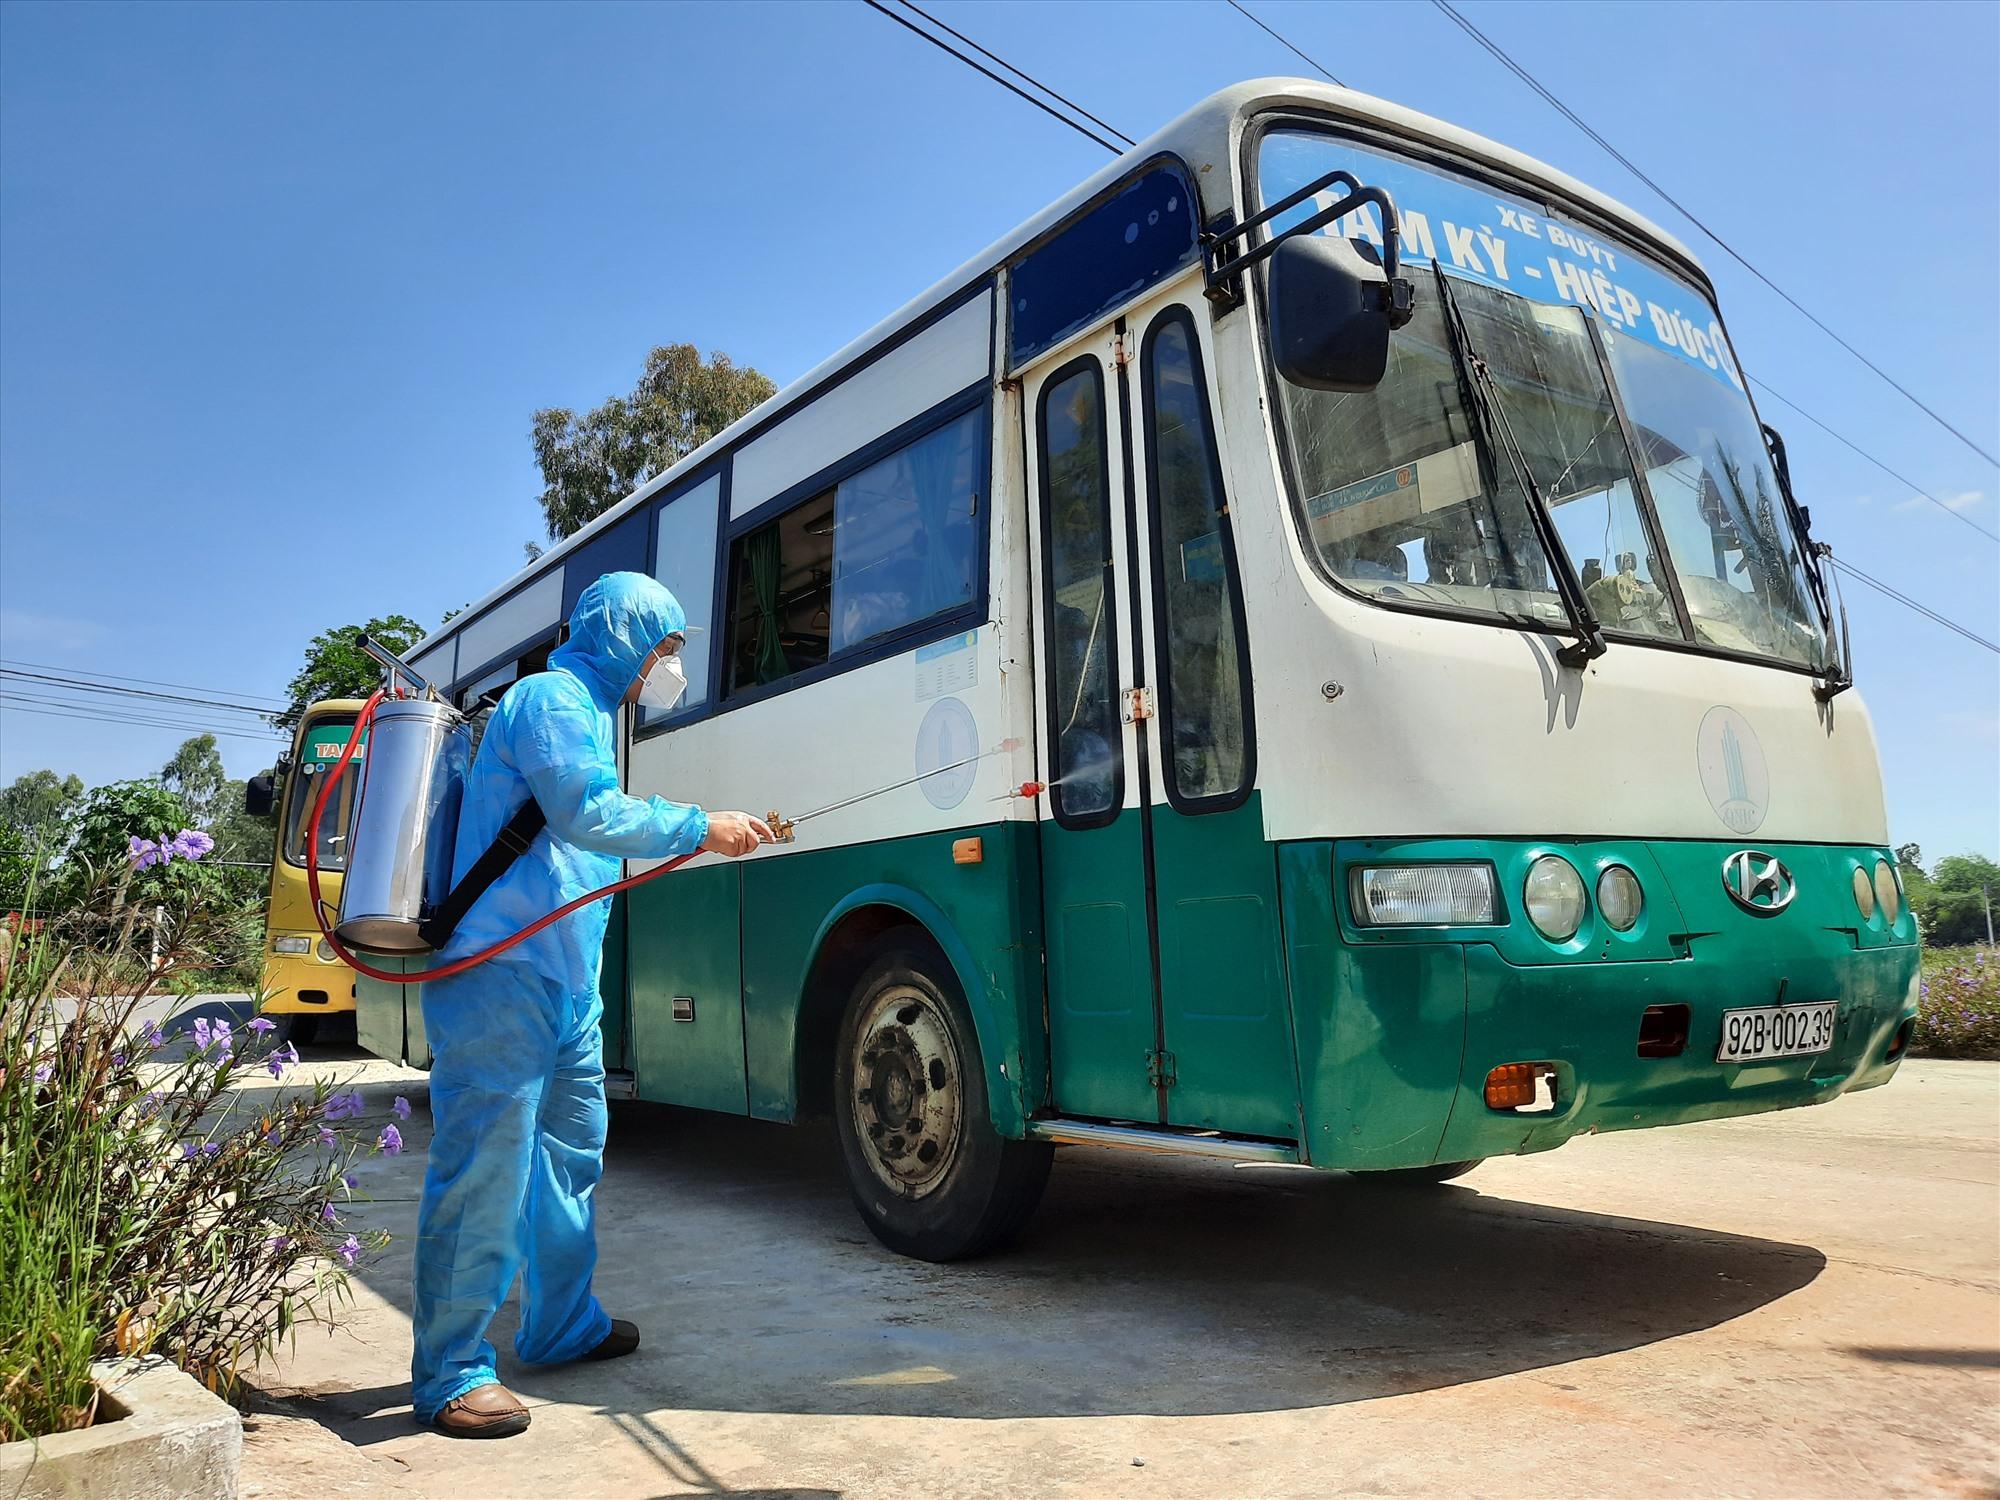 Khử trùng xe đón học sinh, sinh viên từ TP.Đà Nẵng trở về. Ảnh: Đ. ĐẠO